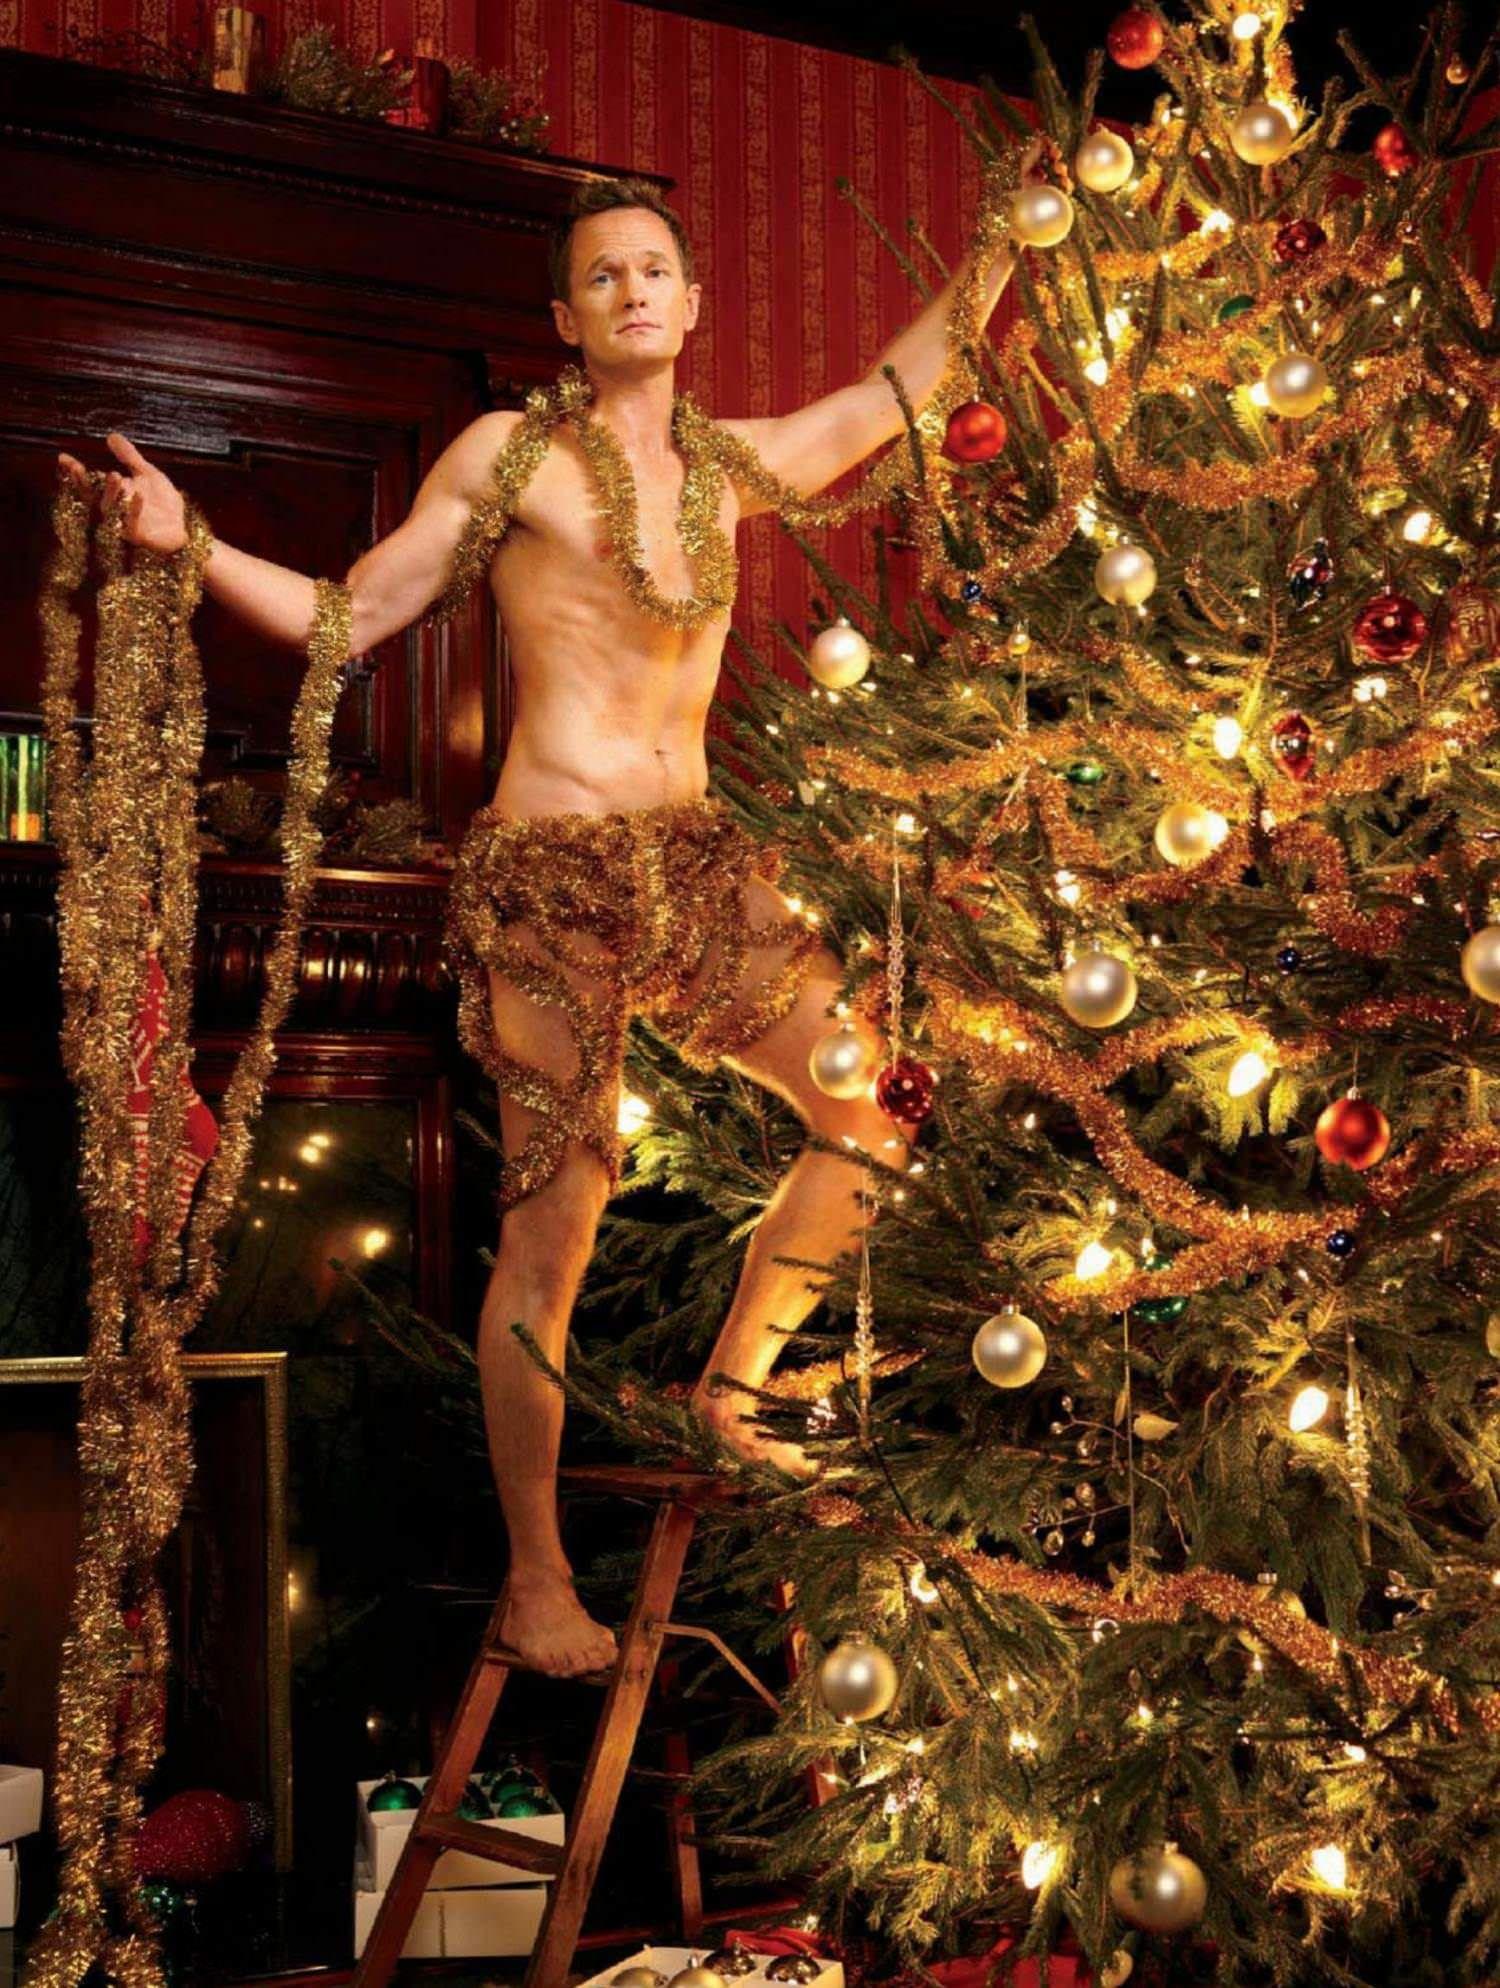 Sexy christmas pic 21